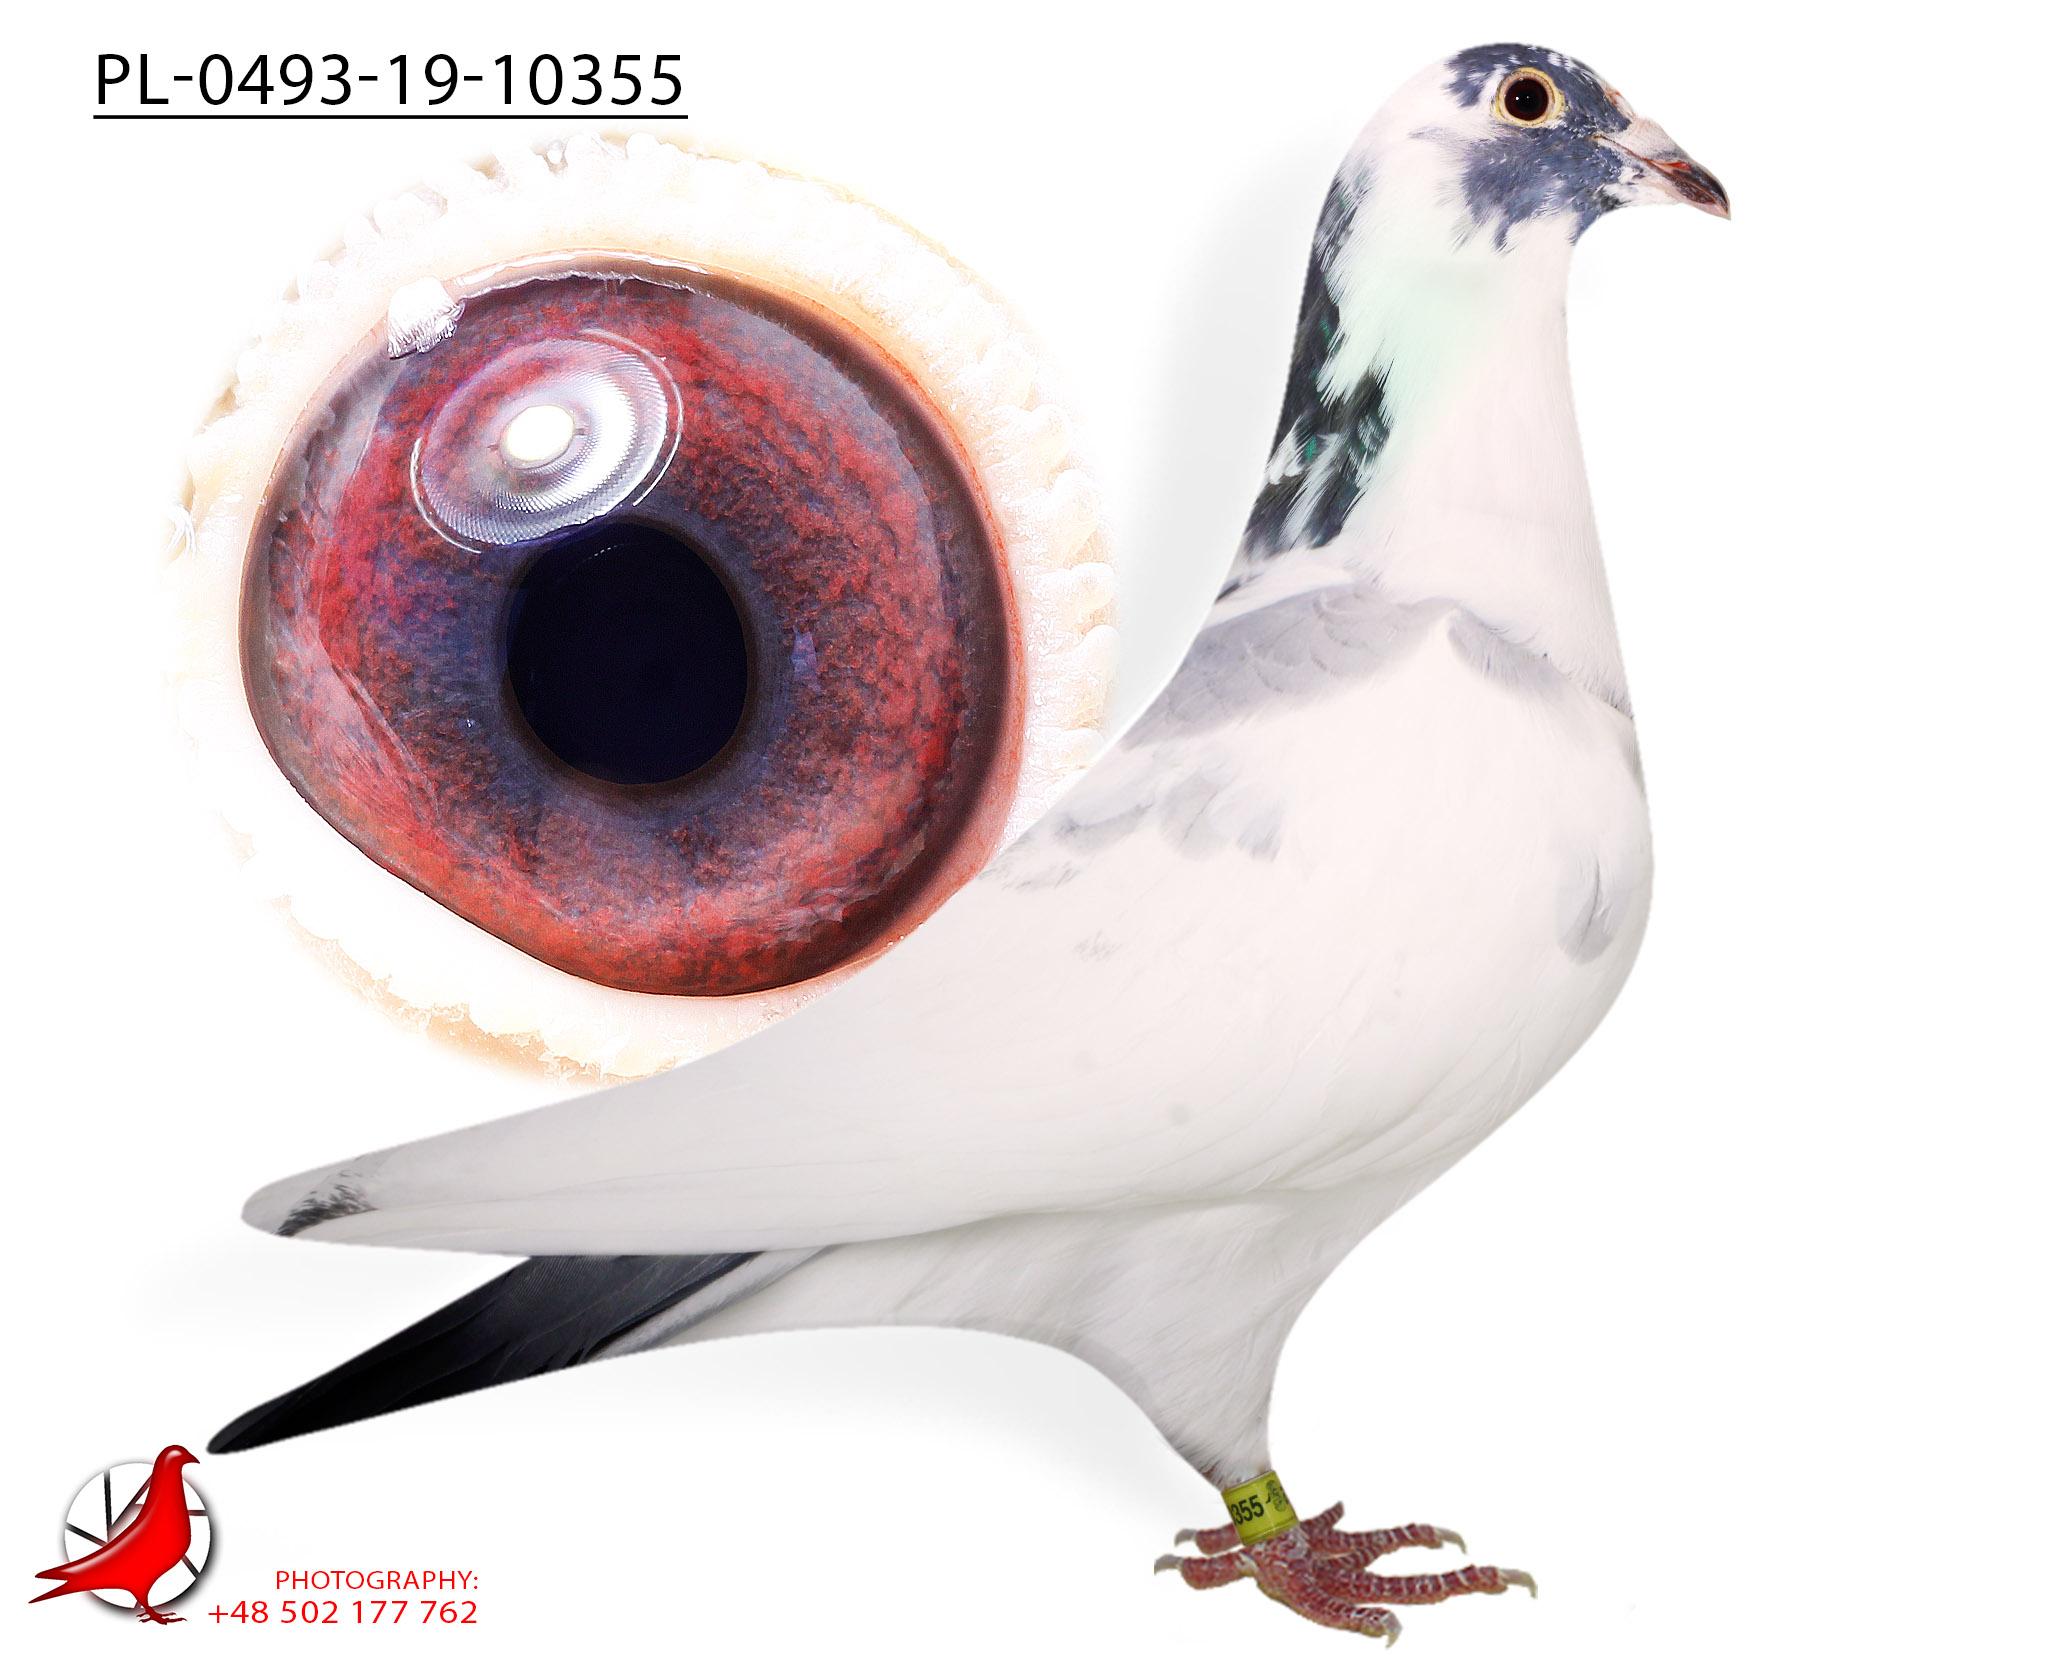 PL-0439-19-10355 BSPL C